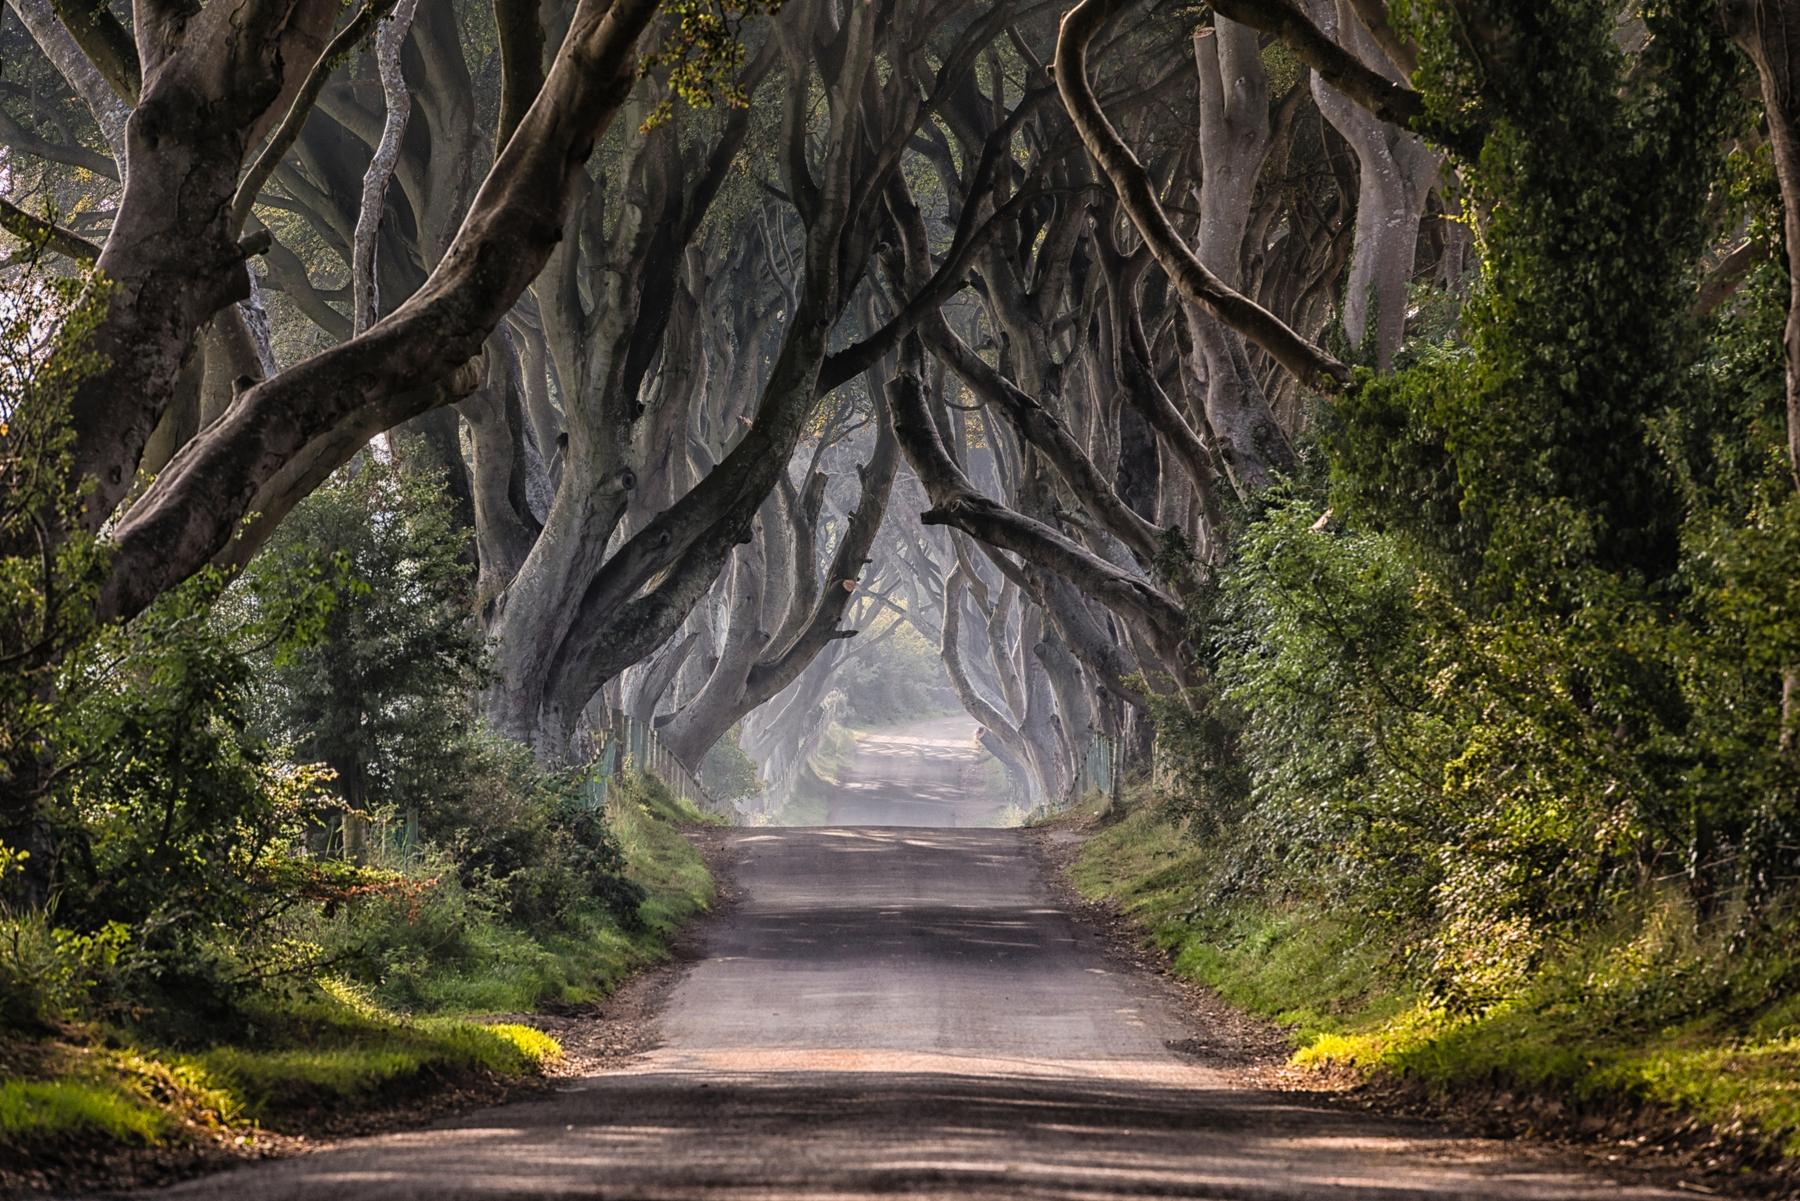 Буковая аллея Дарк Хеджес, недалеко от Белфаста, Северная Ирландия